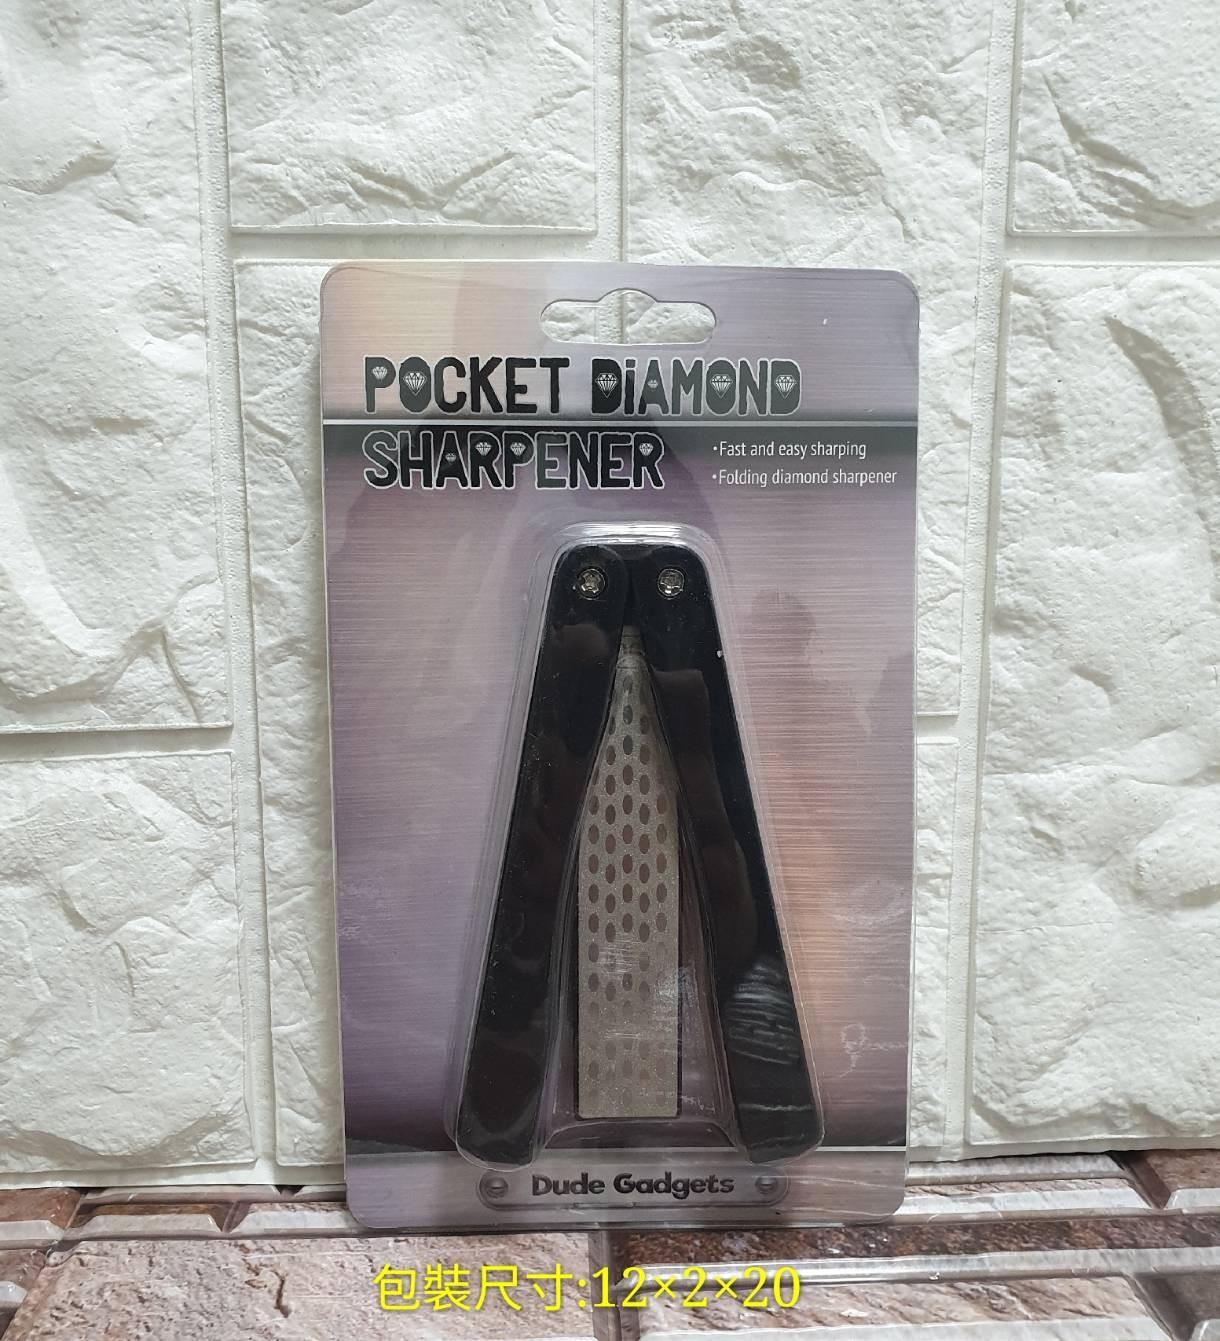 切貨折疊磨刀器 快速磨刀器 粗面磨刀器 細面磨刀器 金鋼砂磨刀器 攜帶型磨刀器